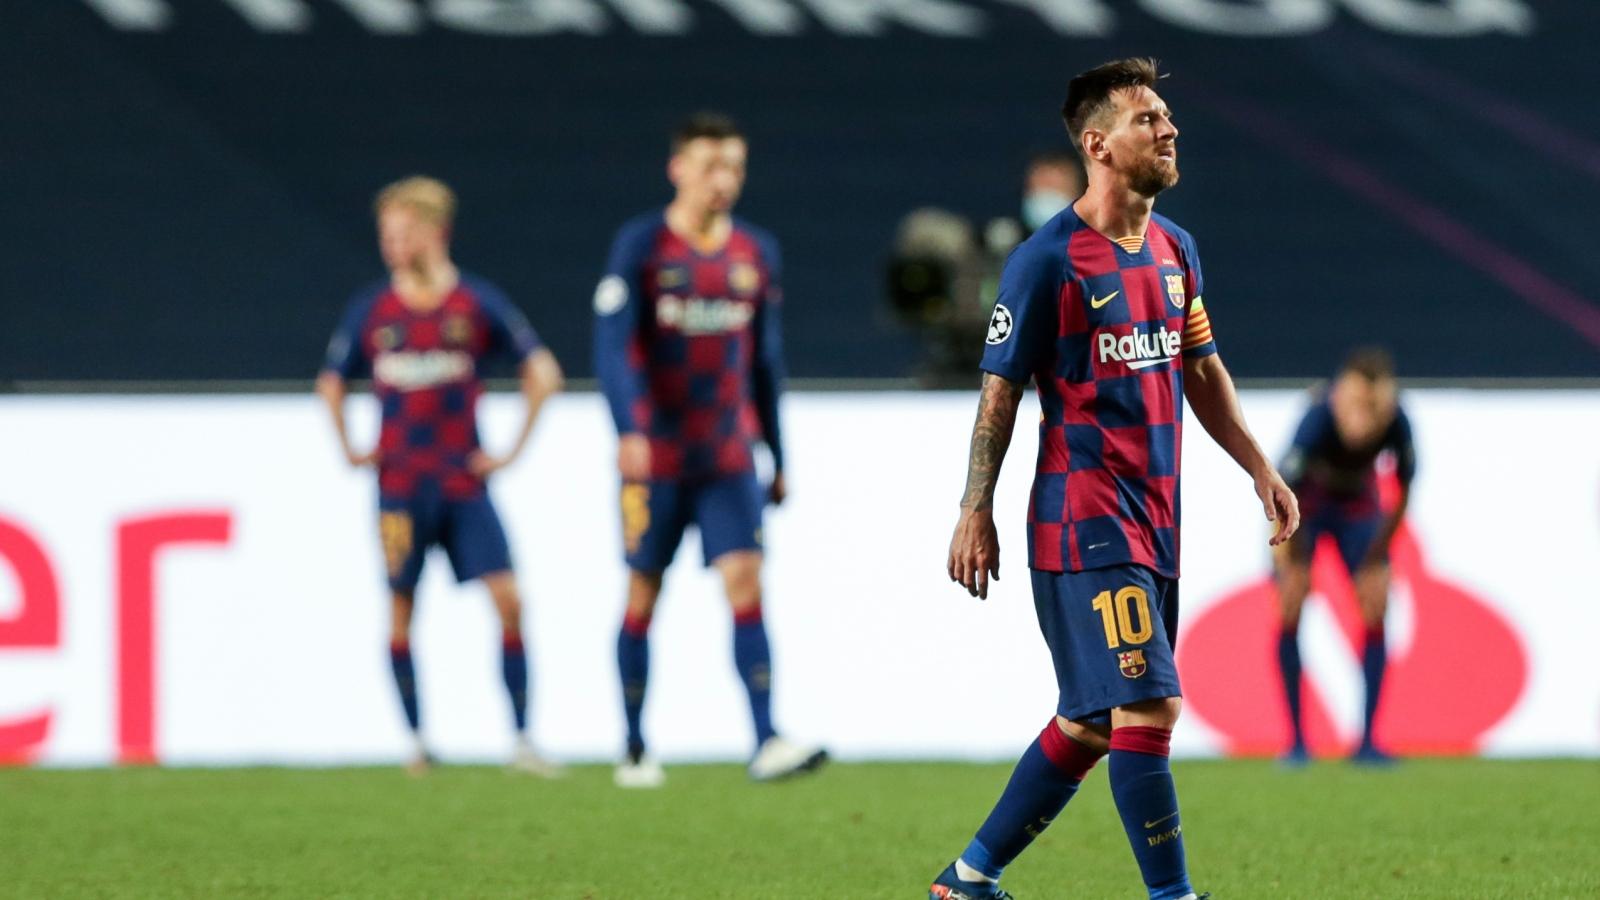 Barca giảm lương toàn bộ cầu thủ trong 3 năm, hé lộ tương lai Messi